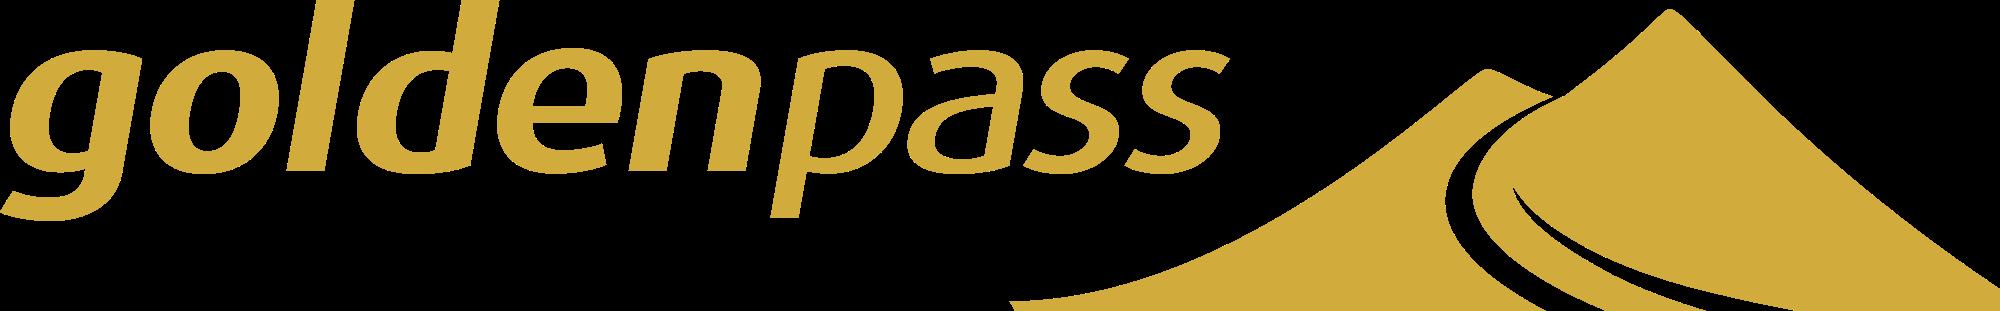 Goldenpass_logo-1.png